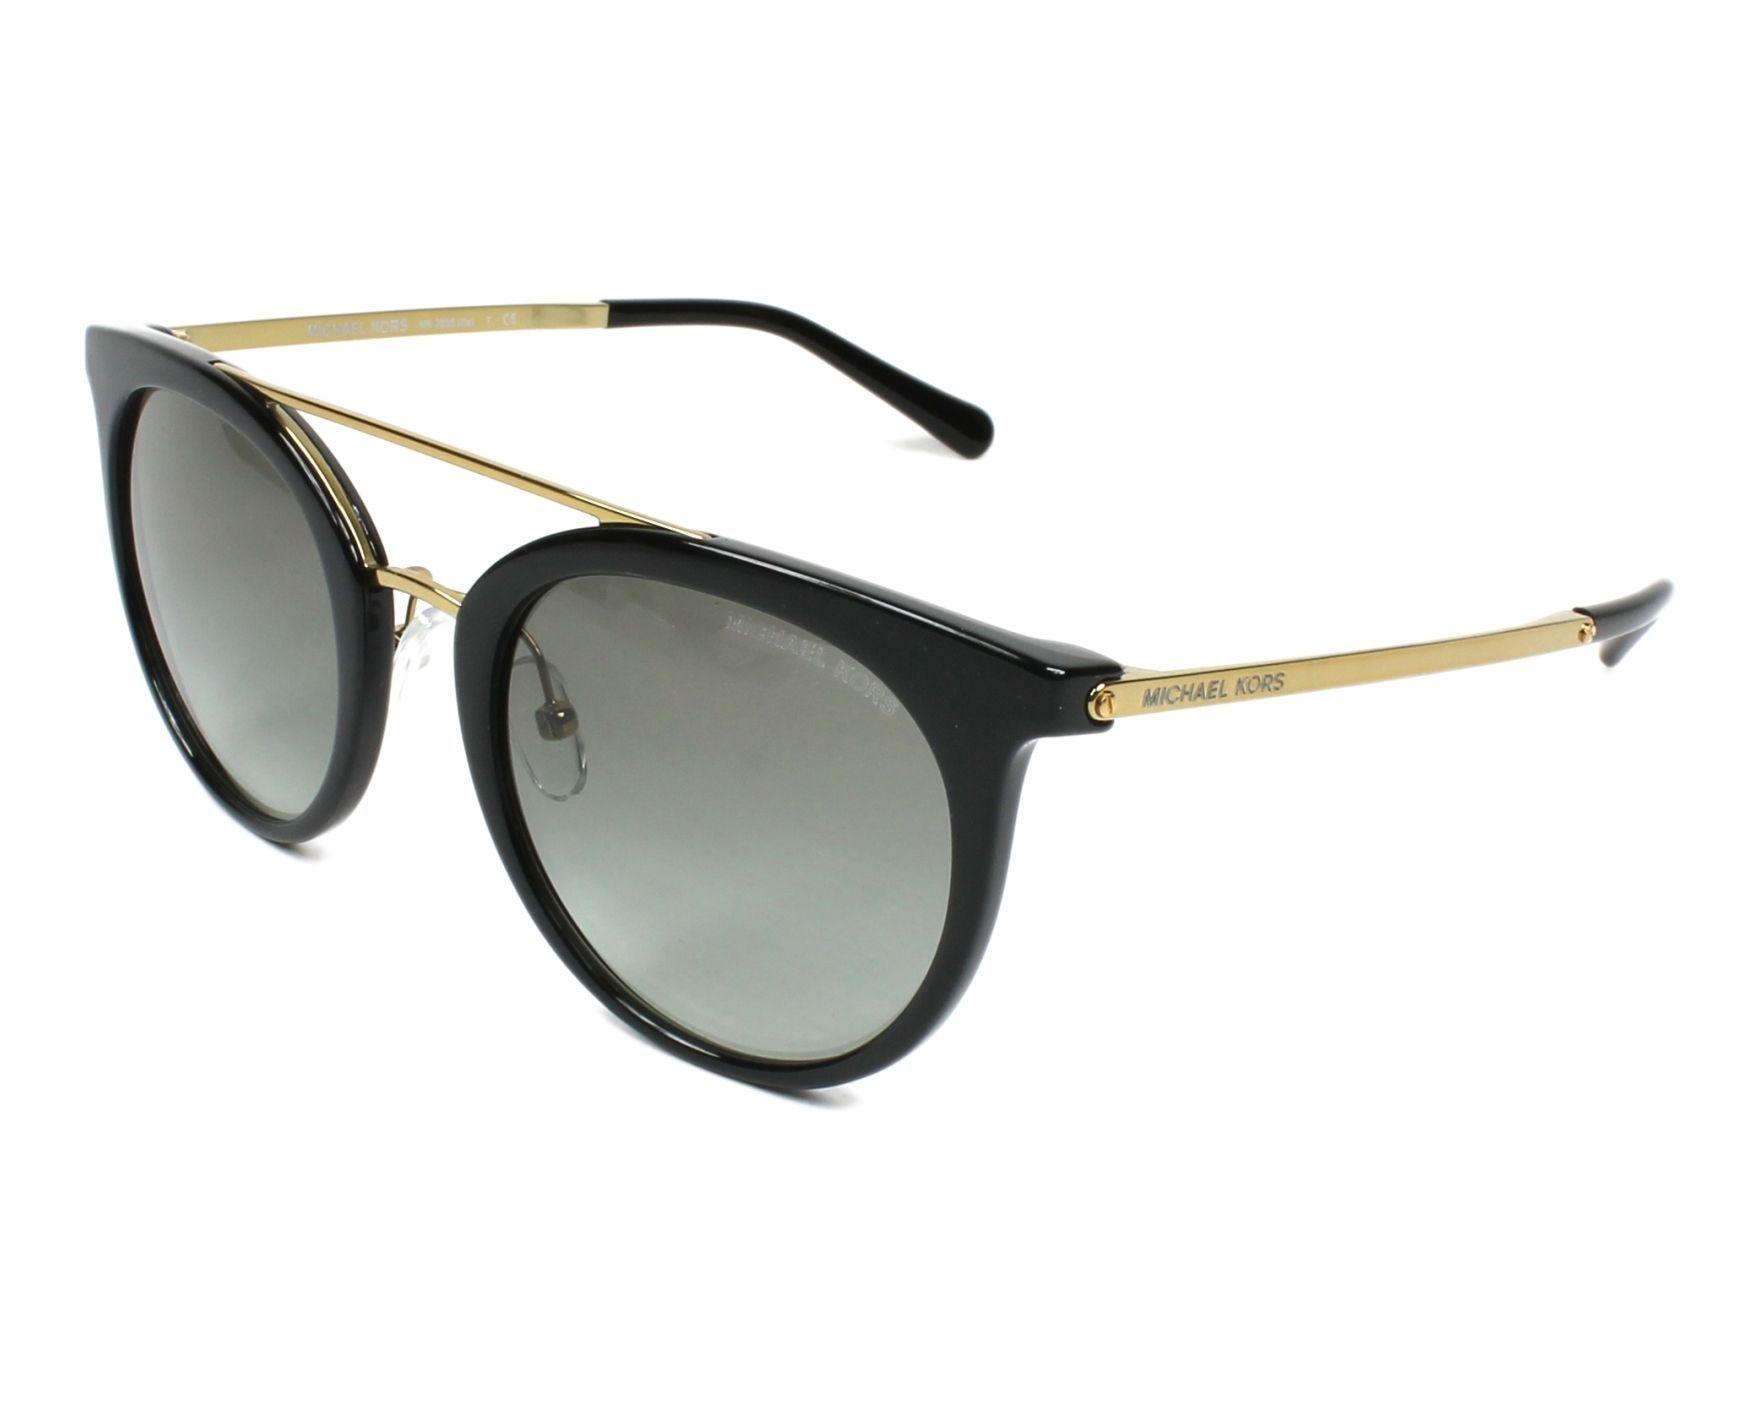 Michael Kors - lunettes solaires - Laventie